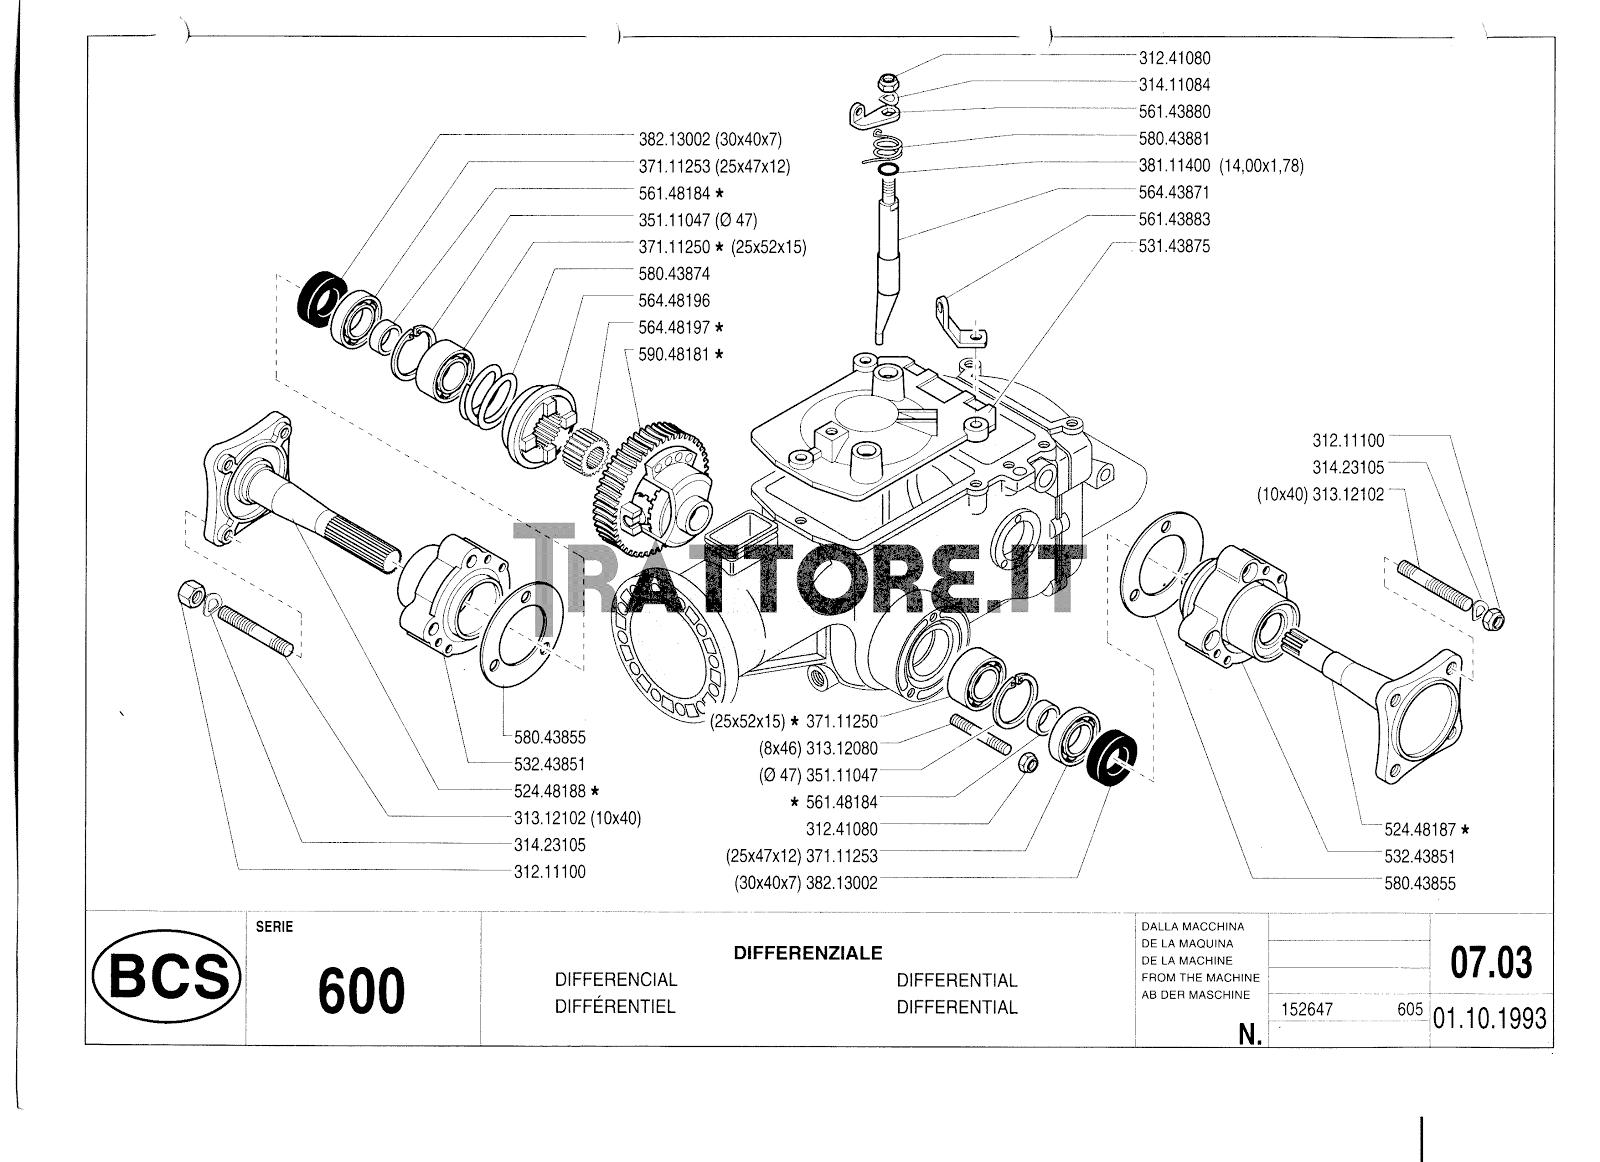 InfoTrattore.it: Manuale (esploso meccanico